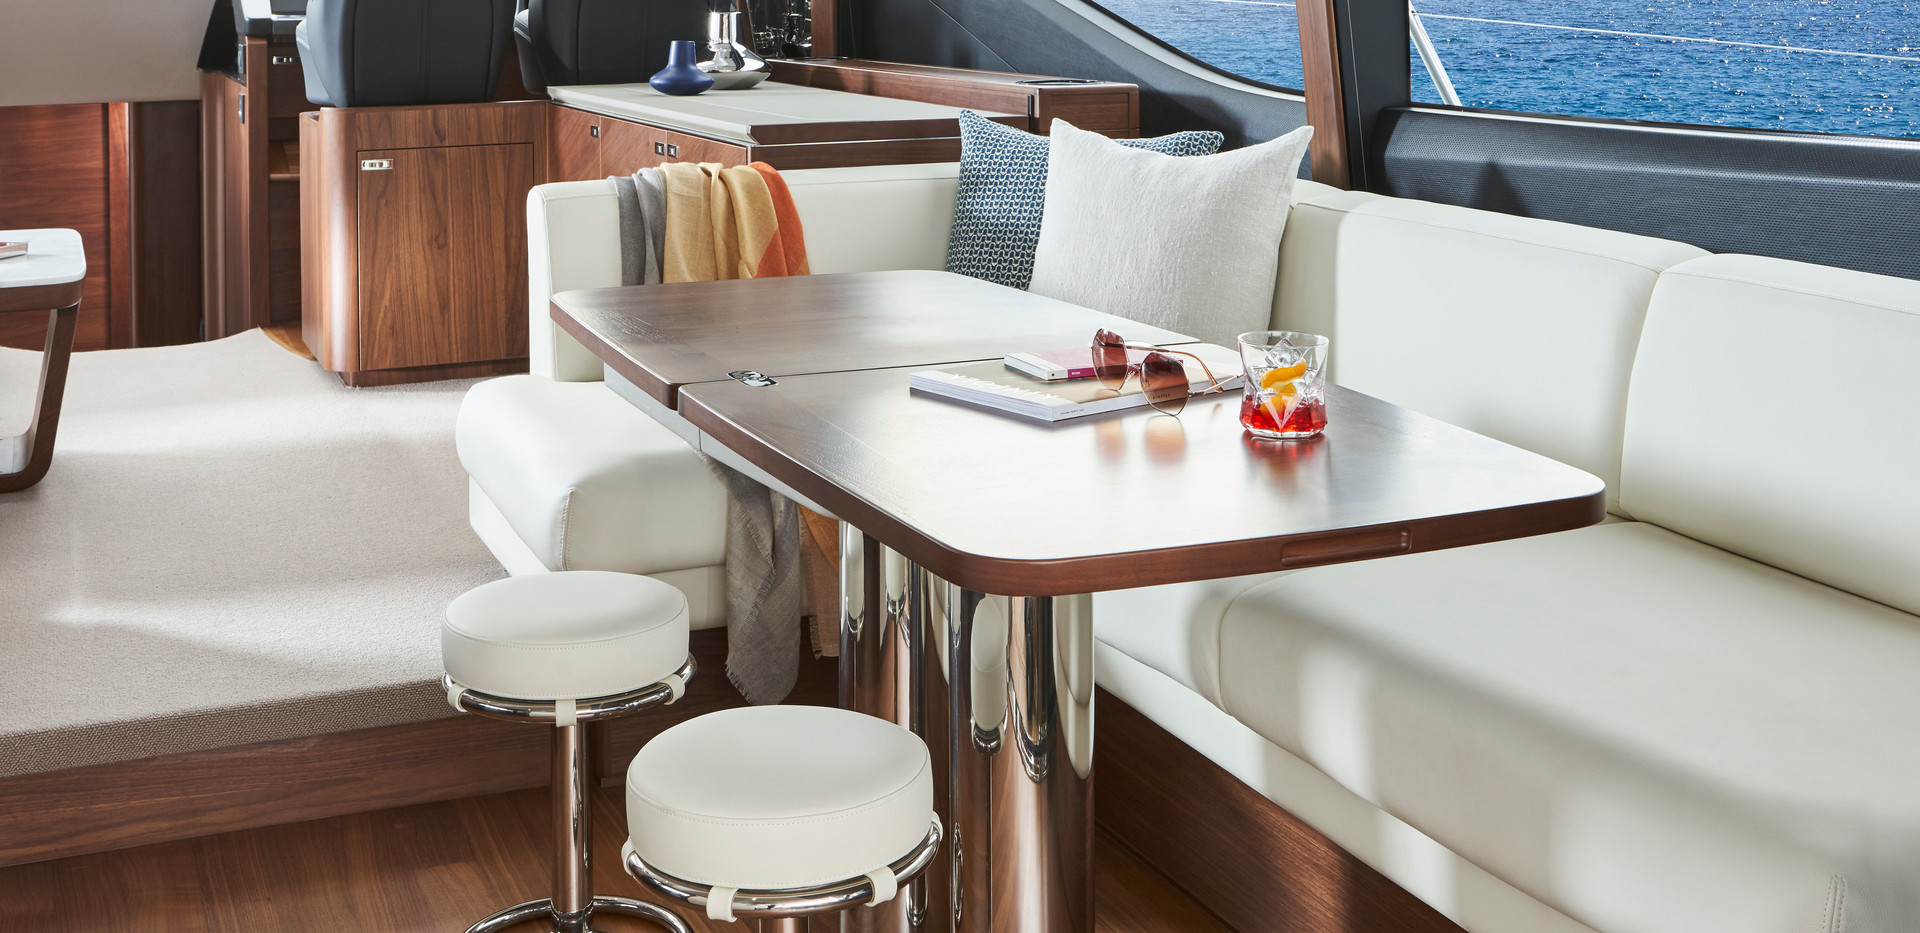 s66-dinette-stools.jpg